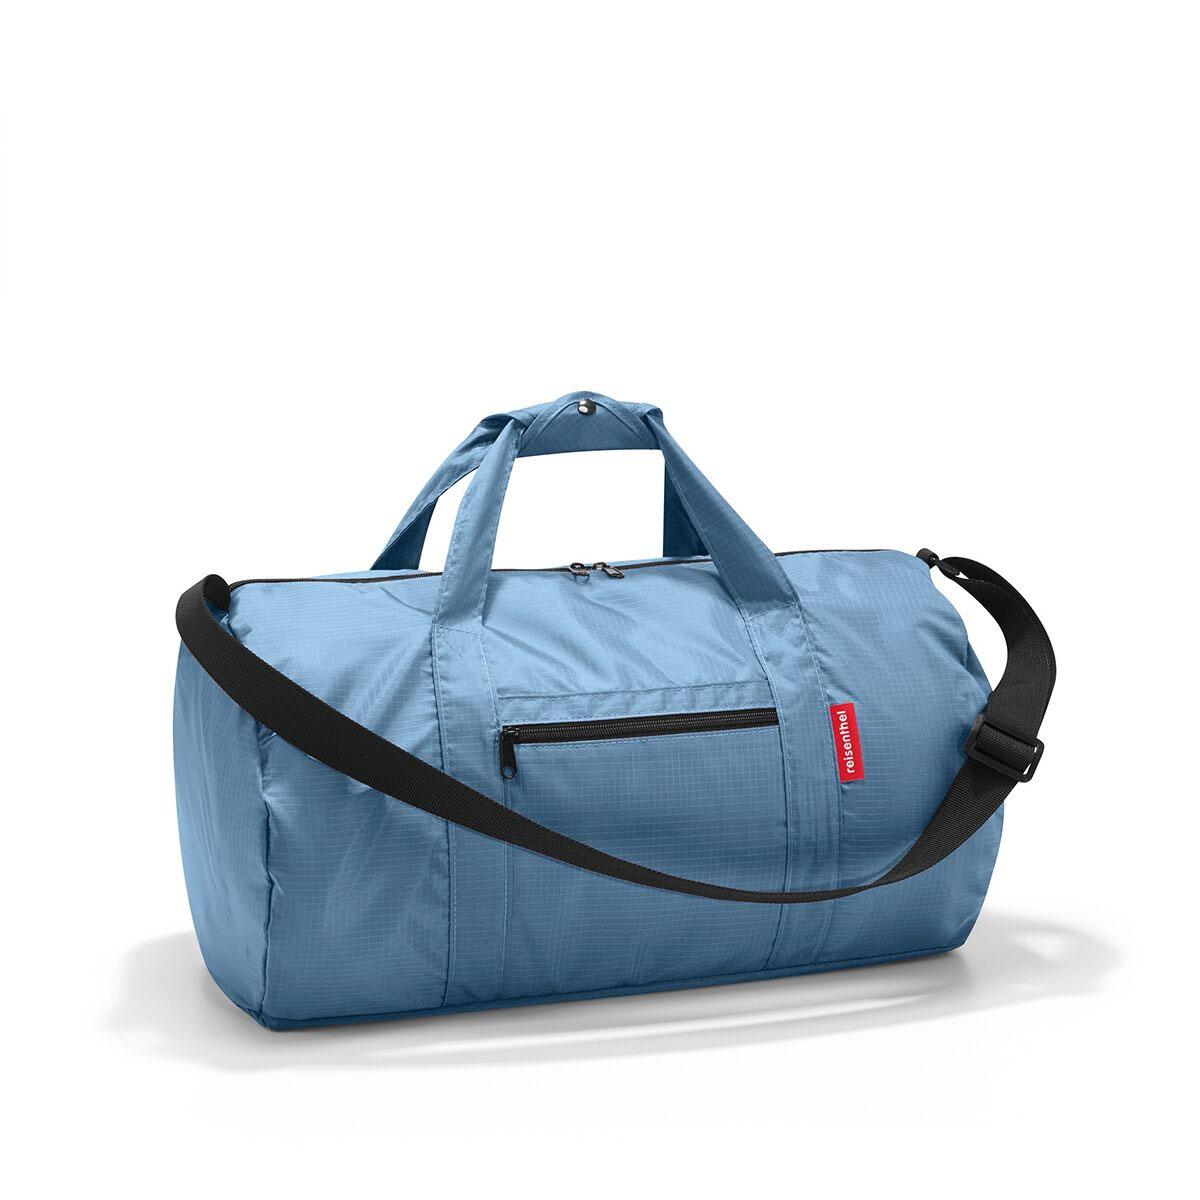 Сумка спортивная женская Reisenthel, цвет: синий. AM400873298с-1Универсальная сумка-трансформер серии Mini Maxi, предназначенная для путешествий и спорта. Подходит для хранения, компактно складывается в собственный внутренний карман. У модели вместительное основное отделение на молнии, экономит место при хранении и перевозке в сложенном состоянии, регулируемый наплечный ремень, ручки для переноски, регулируемые при помощи специальных застежек, два внешних кармана на молнии, материал: высококачественный водостойкий полиэстер, объем - 20 литров.